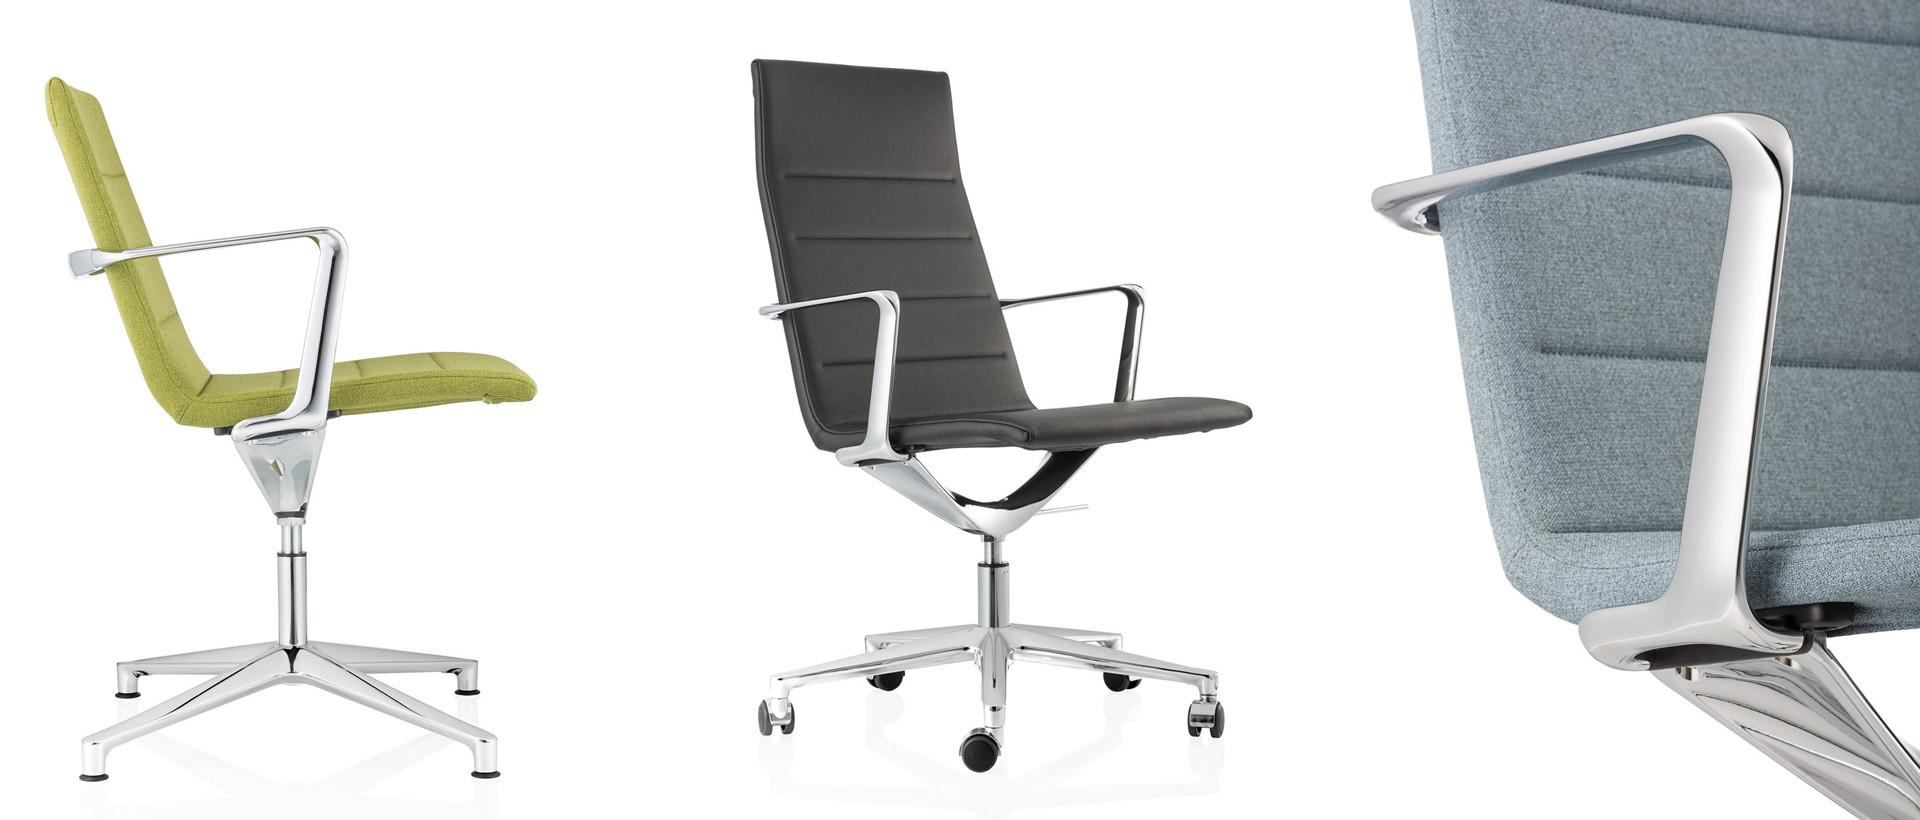 La scelta pi vasta di sedie ufficio a roma contact for Sedie ufficio roma